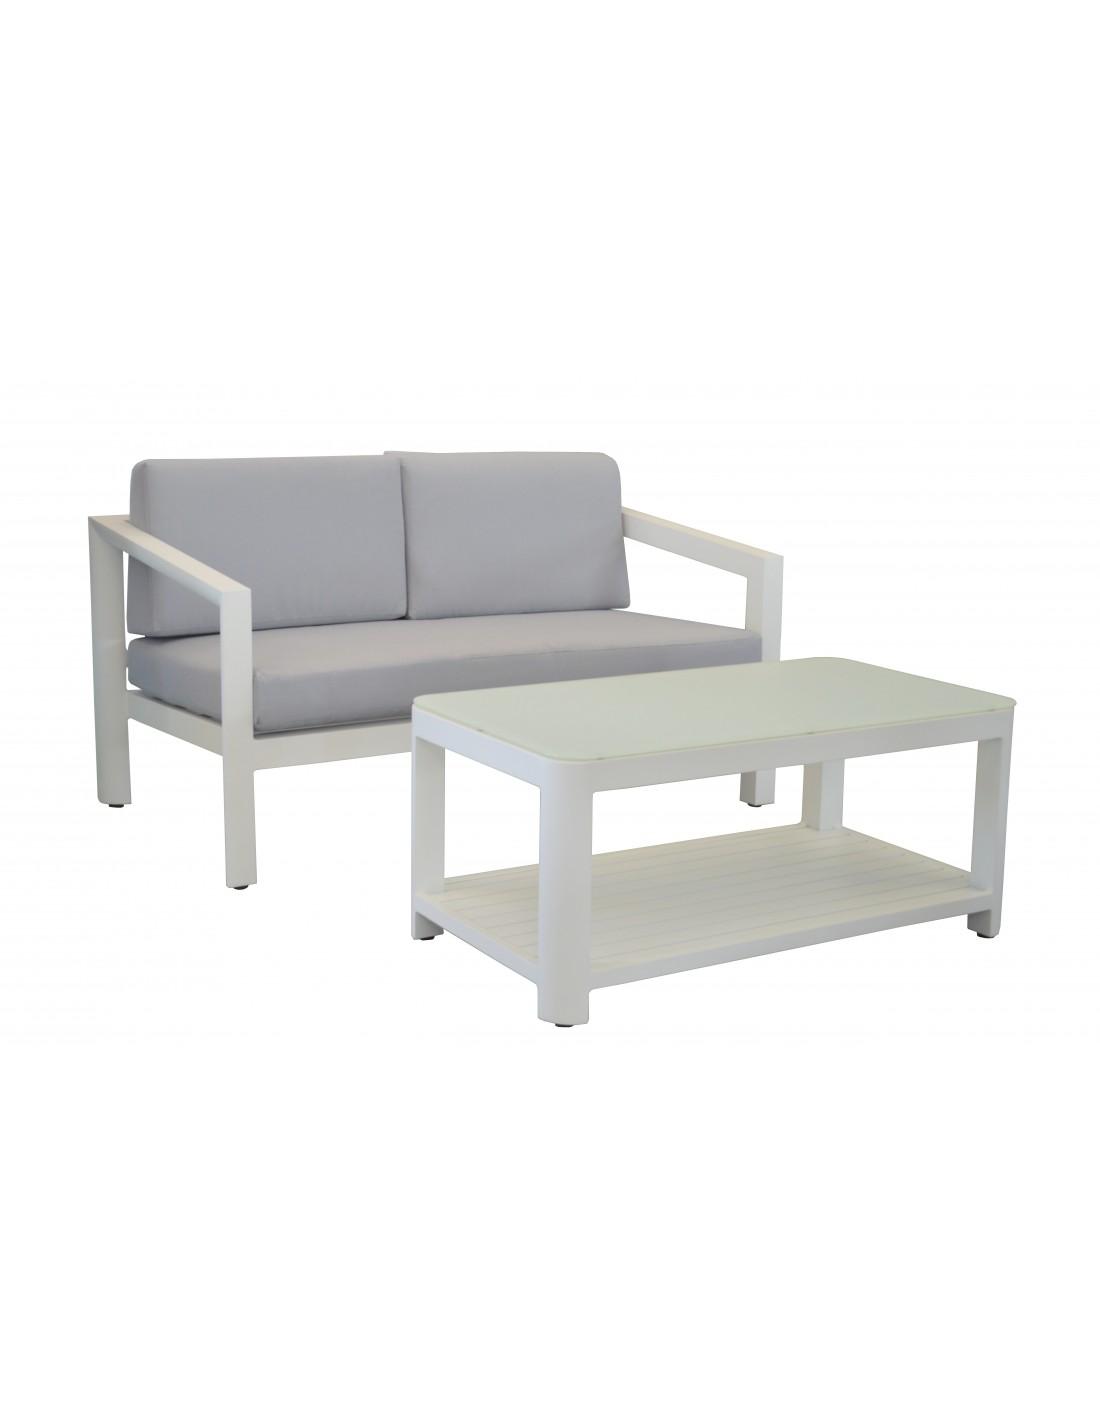 canap table basse zebra en aluminium blanc et coussins. Black Bedroom Furniture Sets. Home Design Ideas